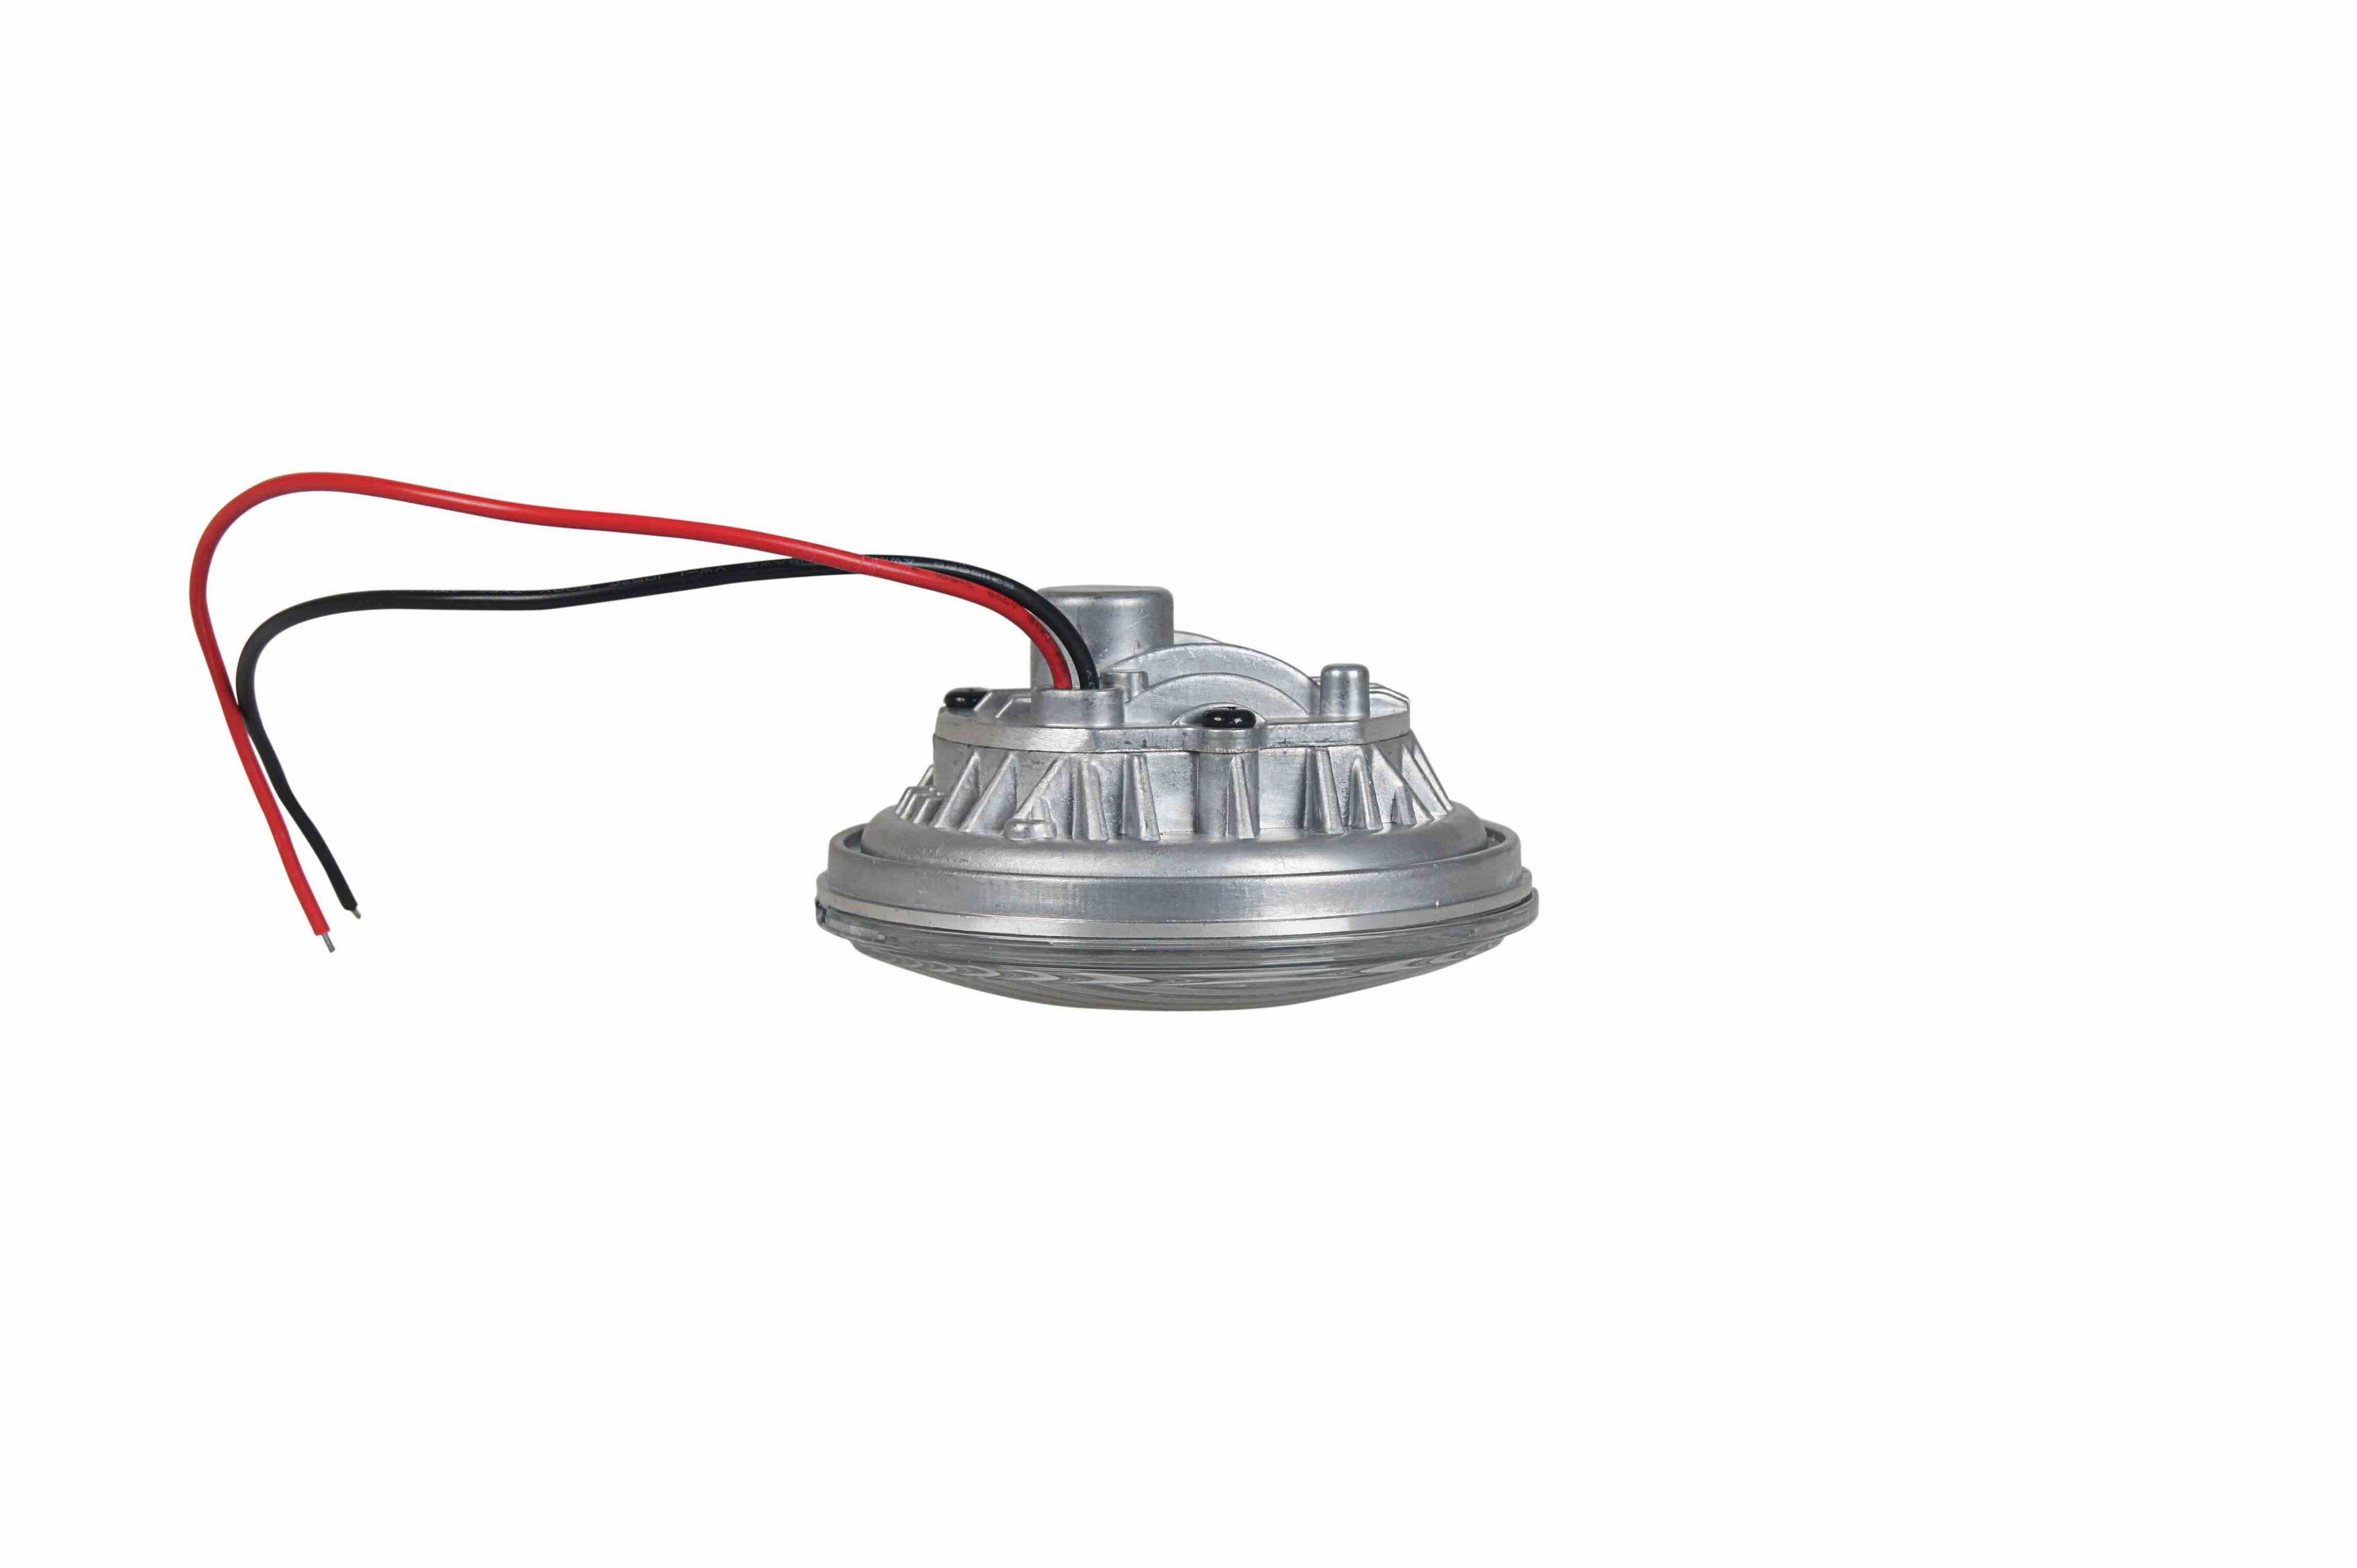 Led Light Upgrade Kit For John Deere Sprayers